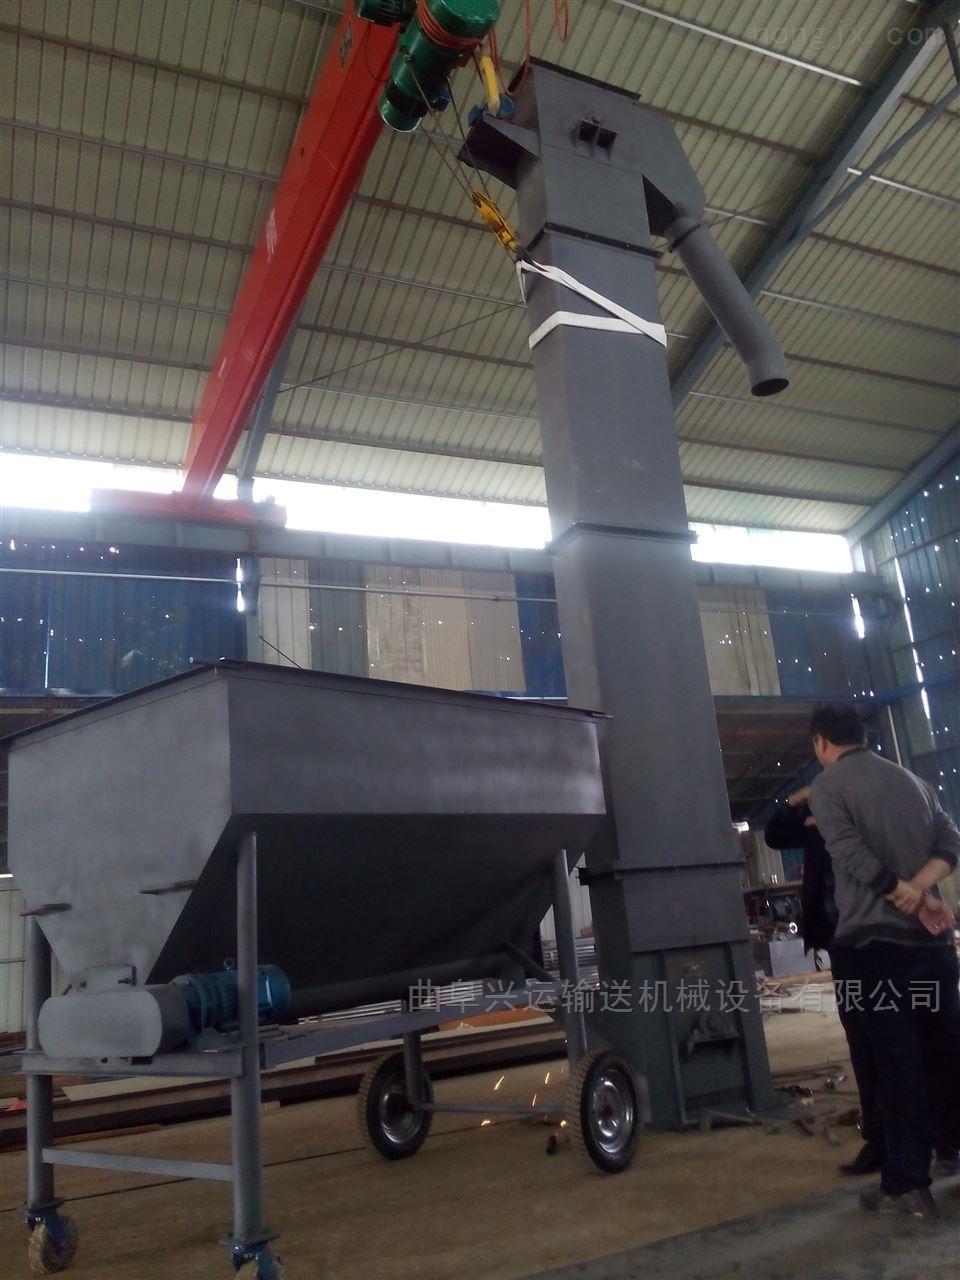 NE重型斗式上料机 带检修平台斗式提升机